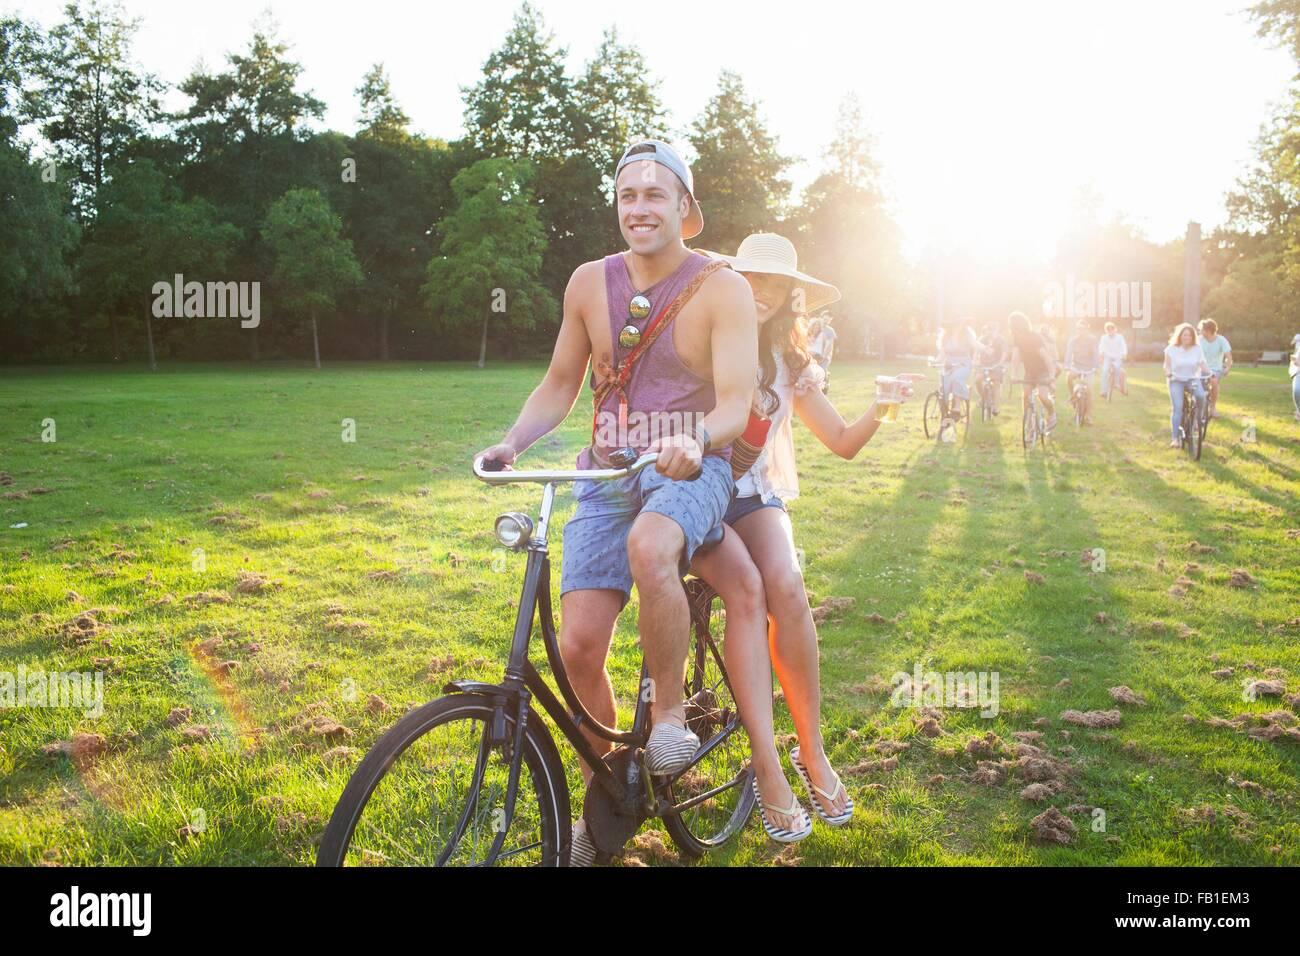 Foule de partygoing adultes arrivant sur des cycles à Sunset Park partie Photo Stock